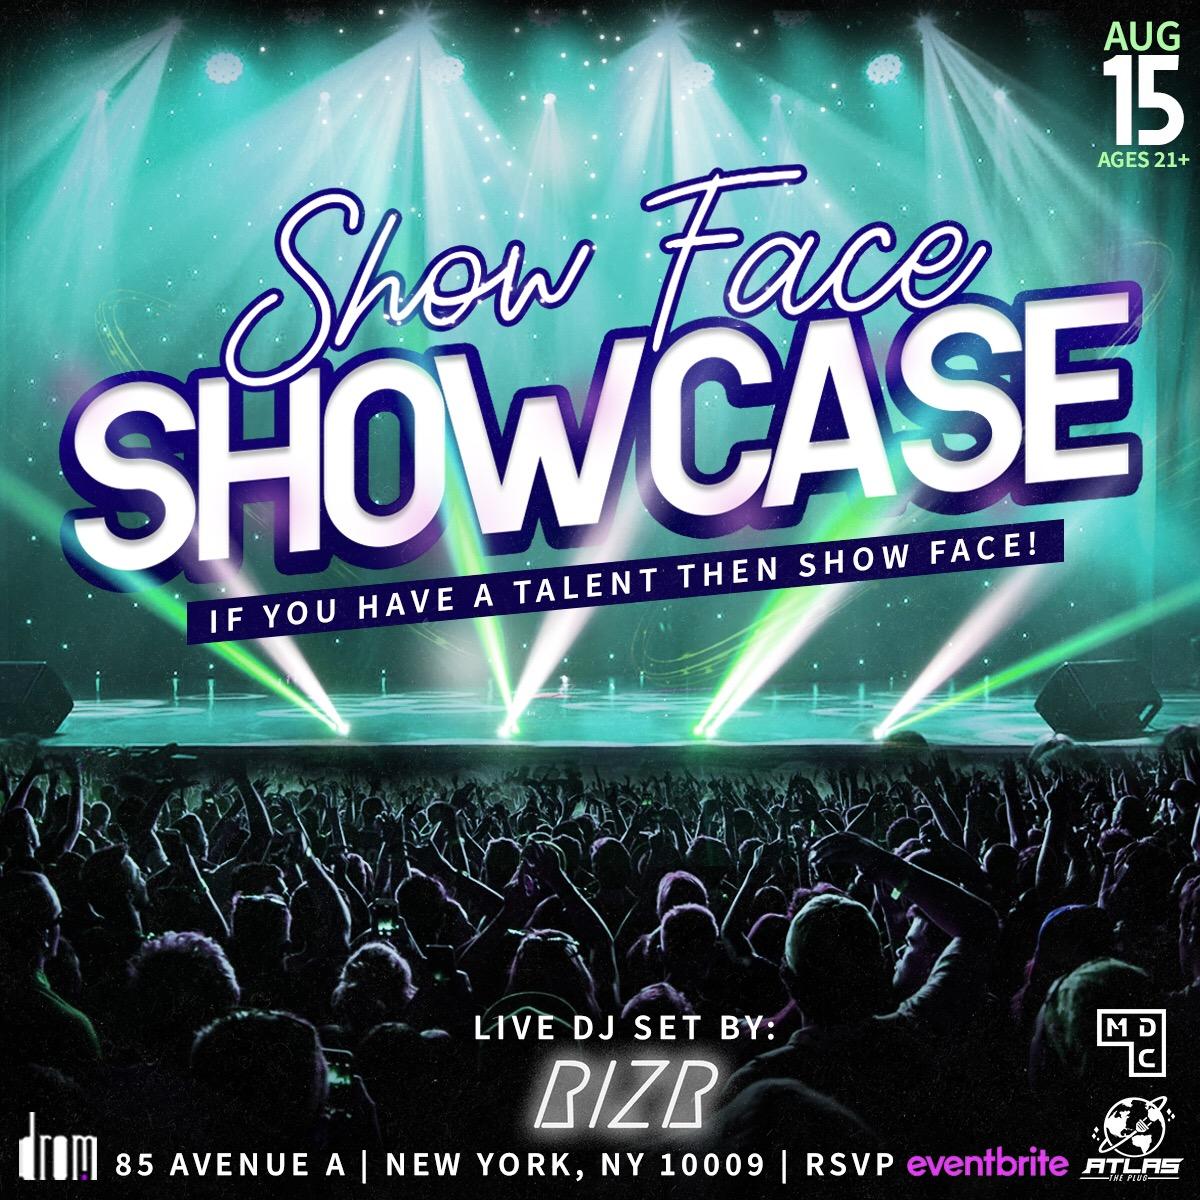 showface showcase 2.JPG